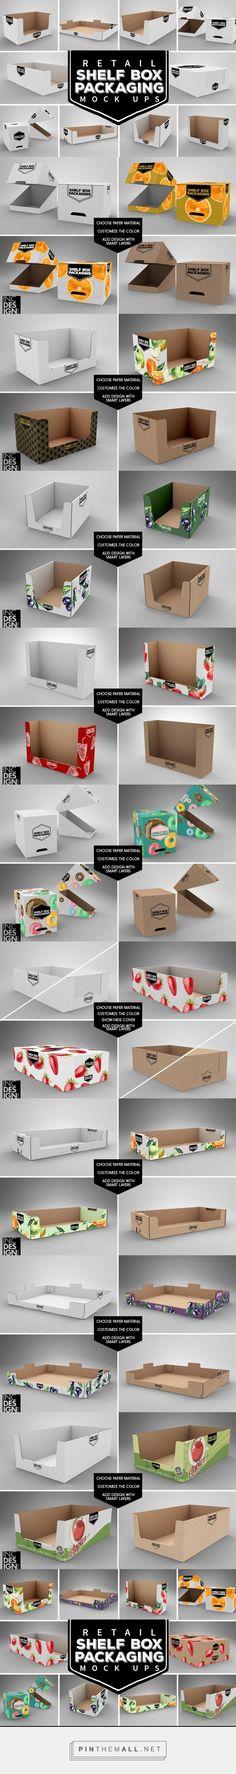 Shelf Ready Packaging MockUps